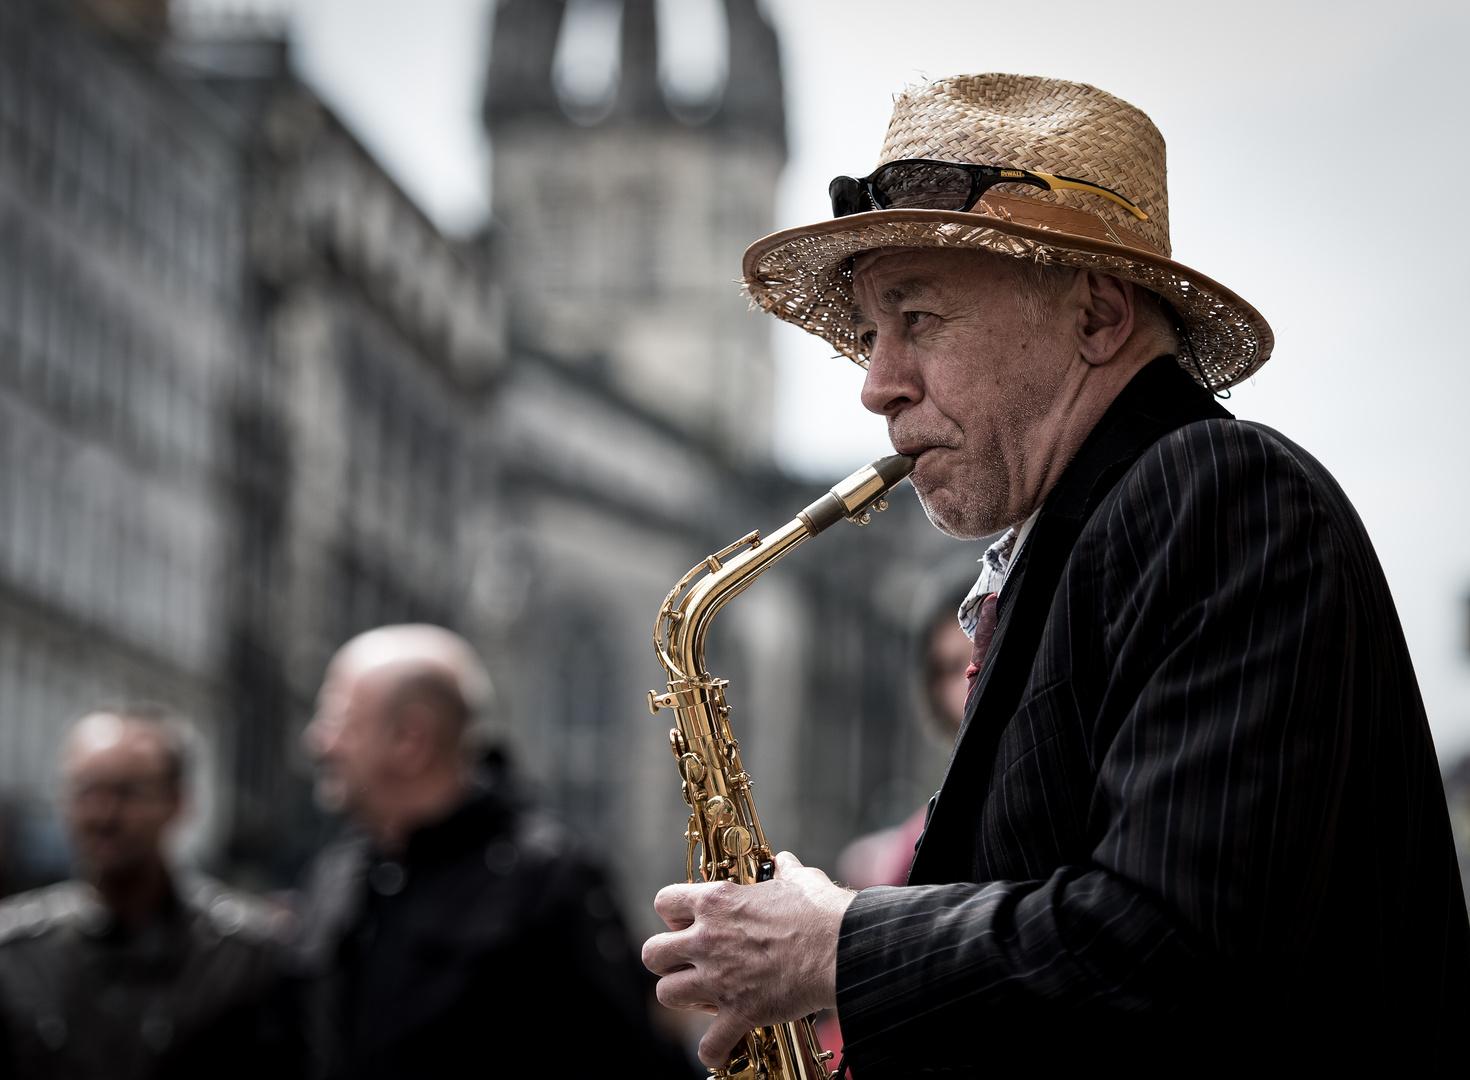 Strassenmusiker Edinburgh